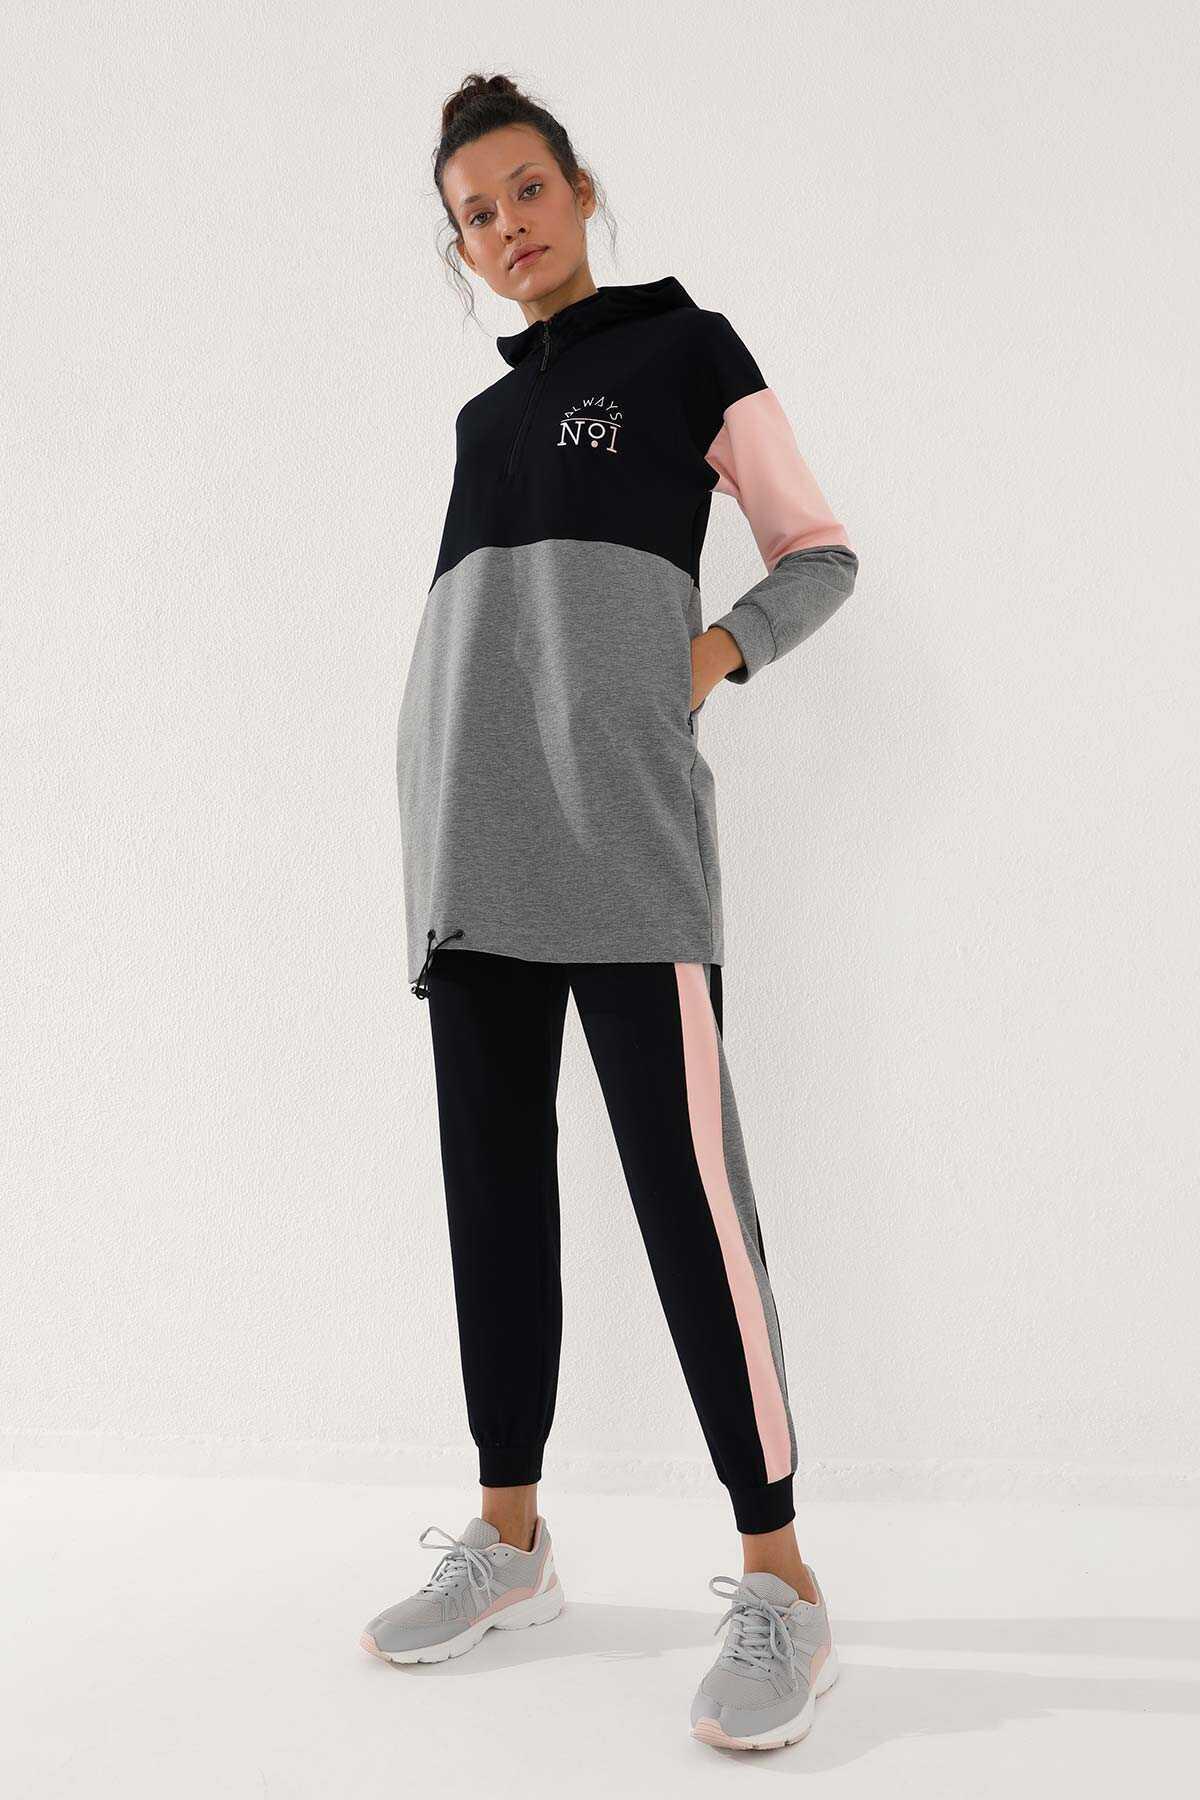 Tommy Life Toptan Lacivert Kadın Yarım Fermuar Cepli Rahat Form Jogger Eşofman Tunik Takım-95249